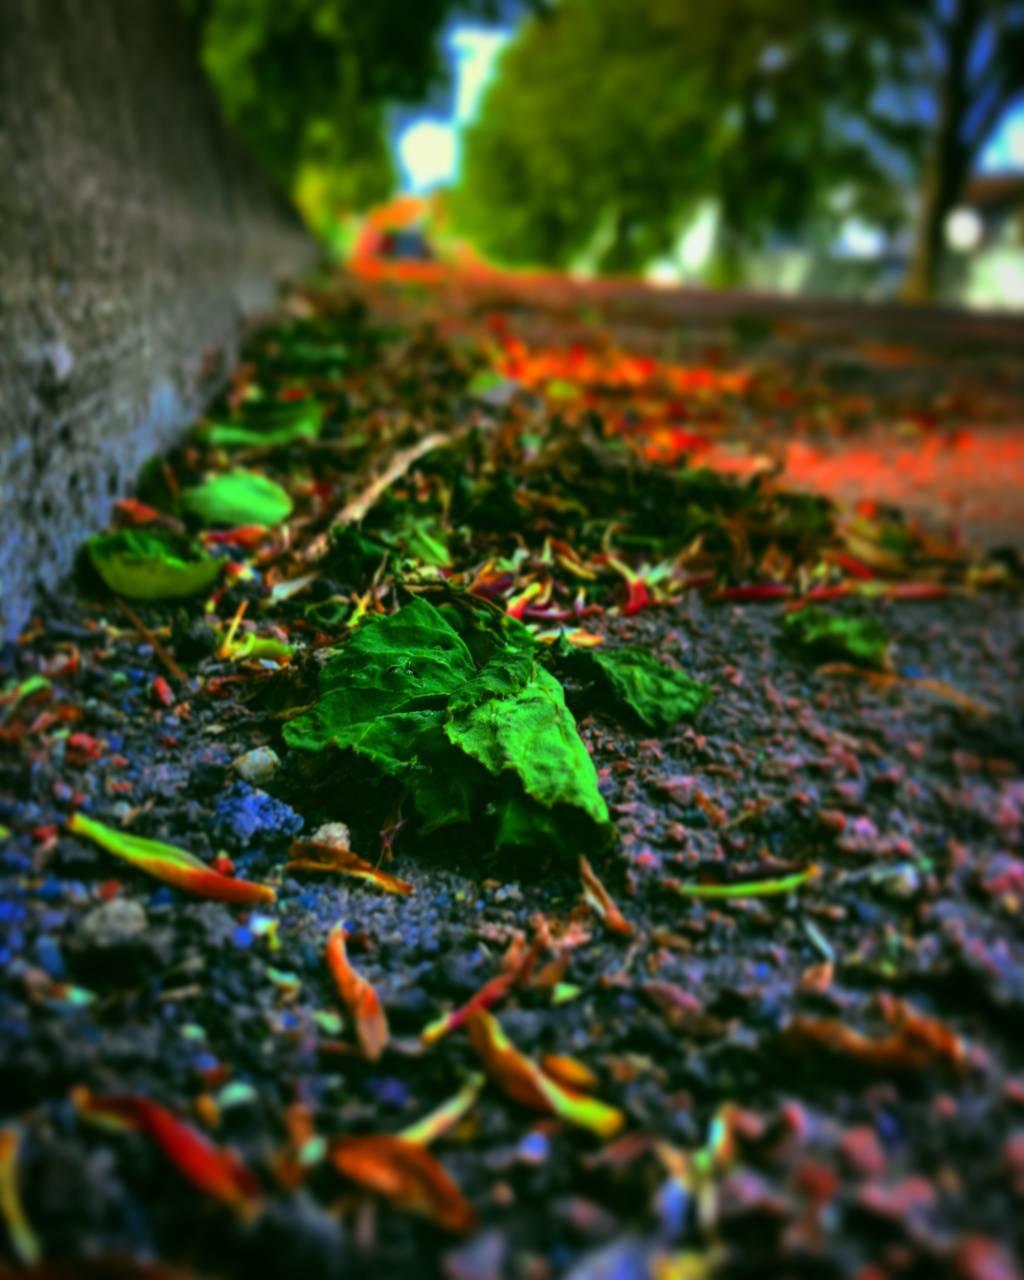 L*D Leaf Visuals